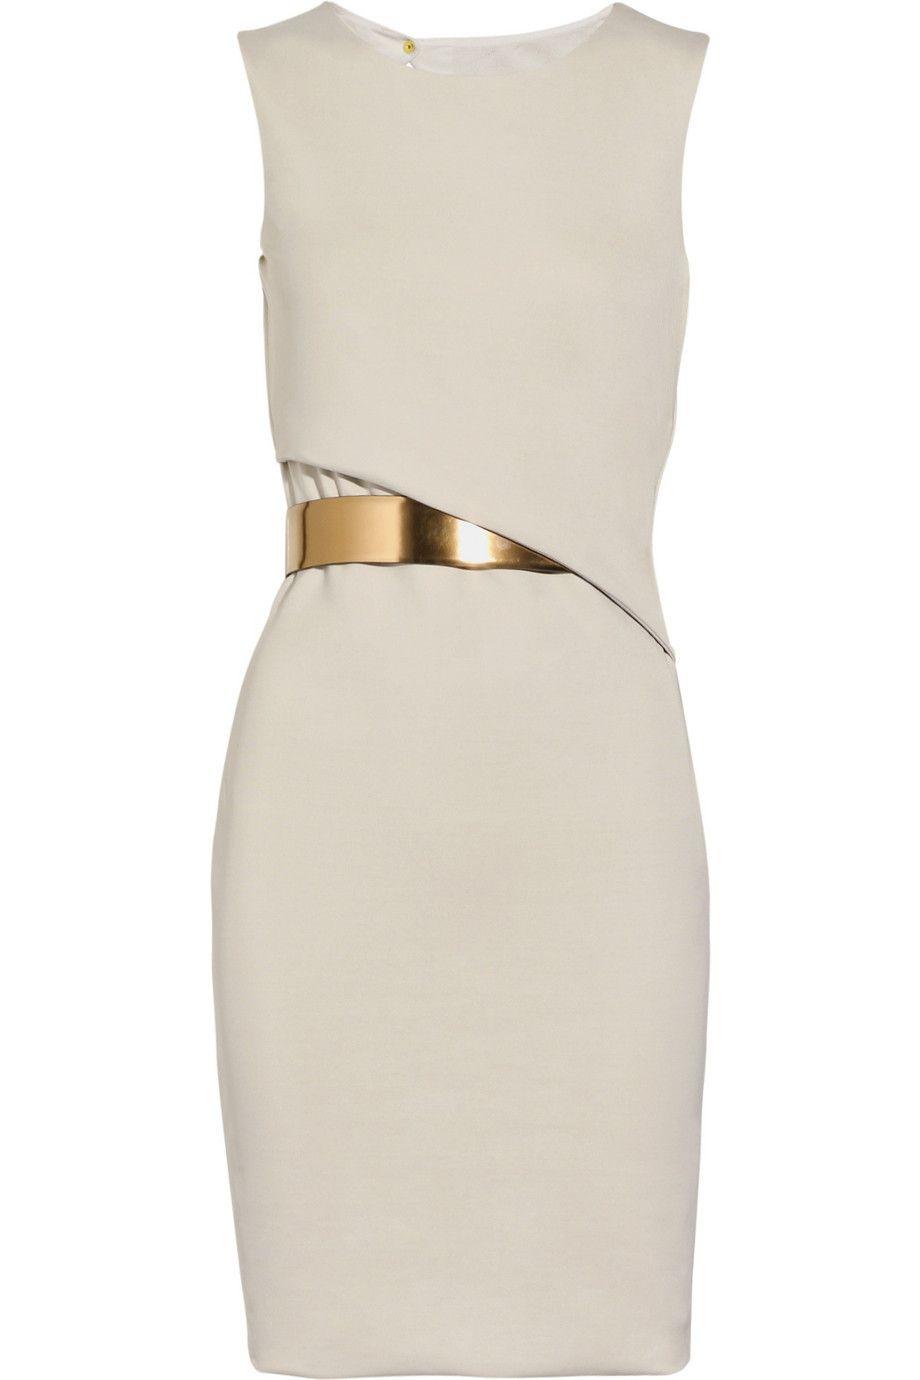 20 Ausgezeichnet Gucci Abendkleid SpezialgebietAbend Genial Gucci Abendkleid Boutique